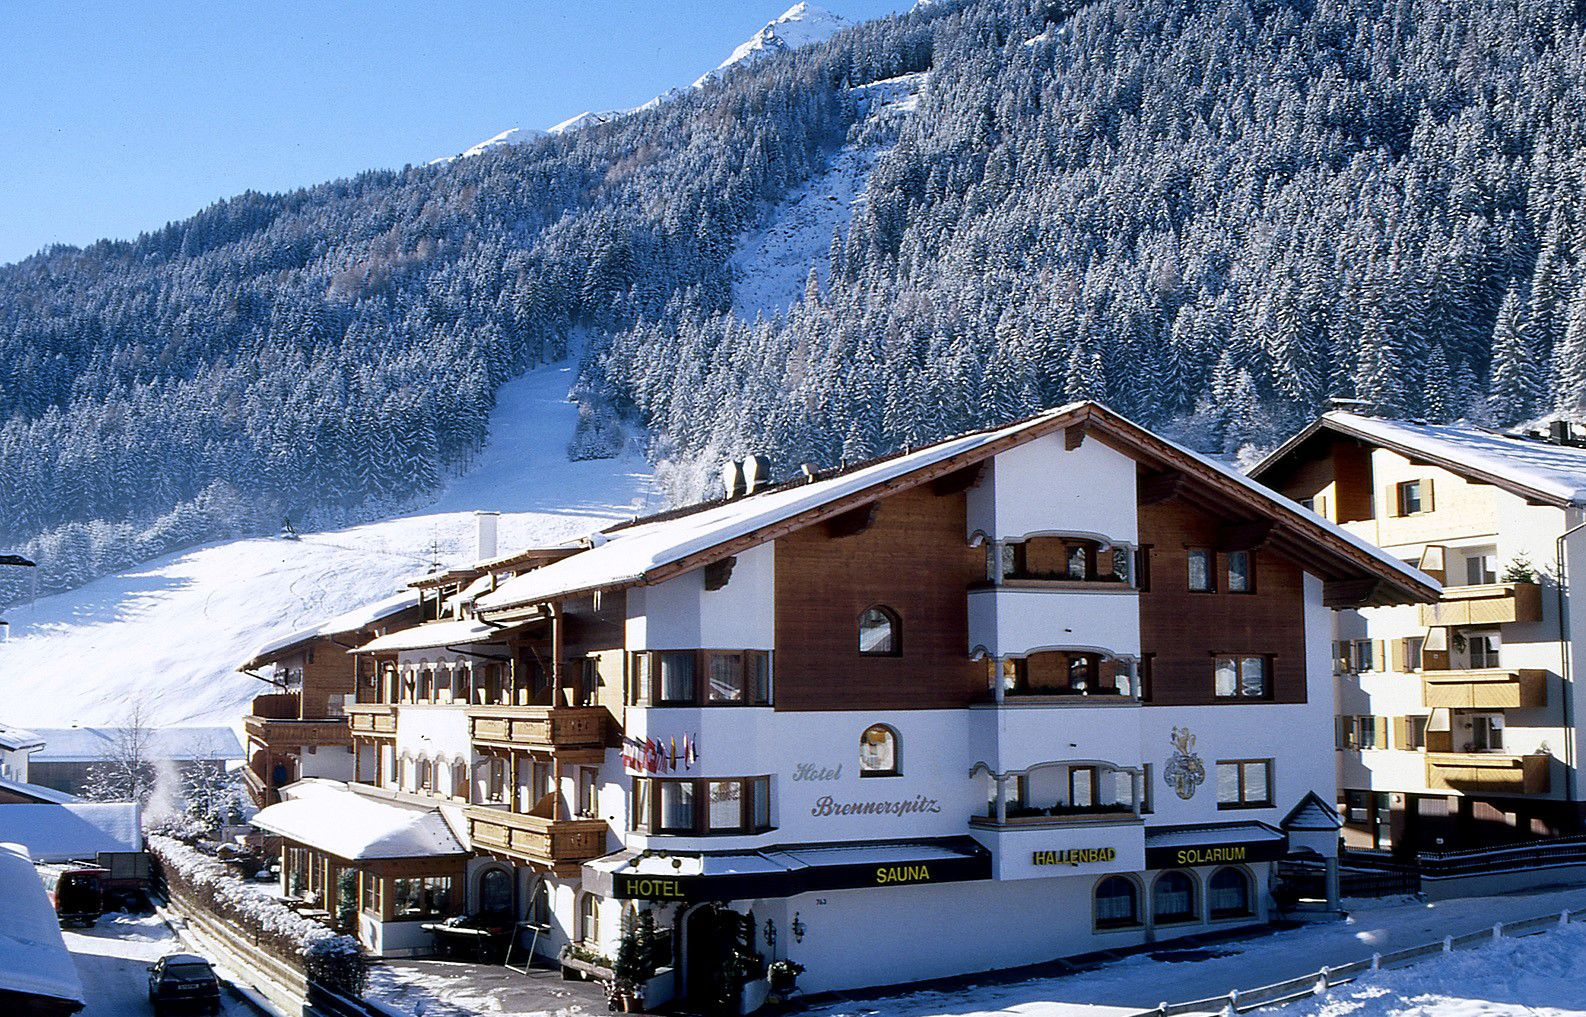 Hotel Brennerspitz - Slide 1